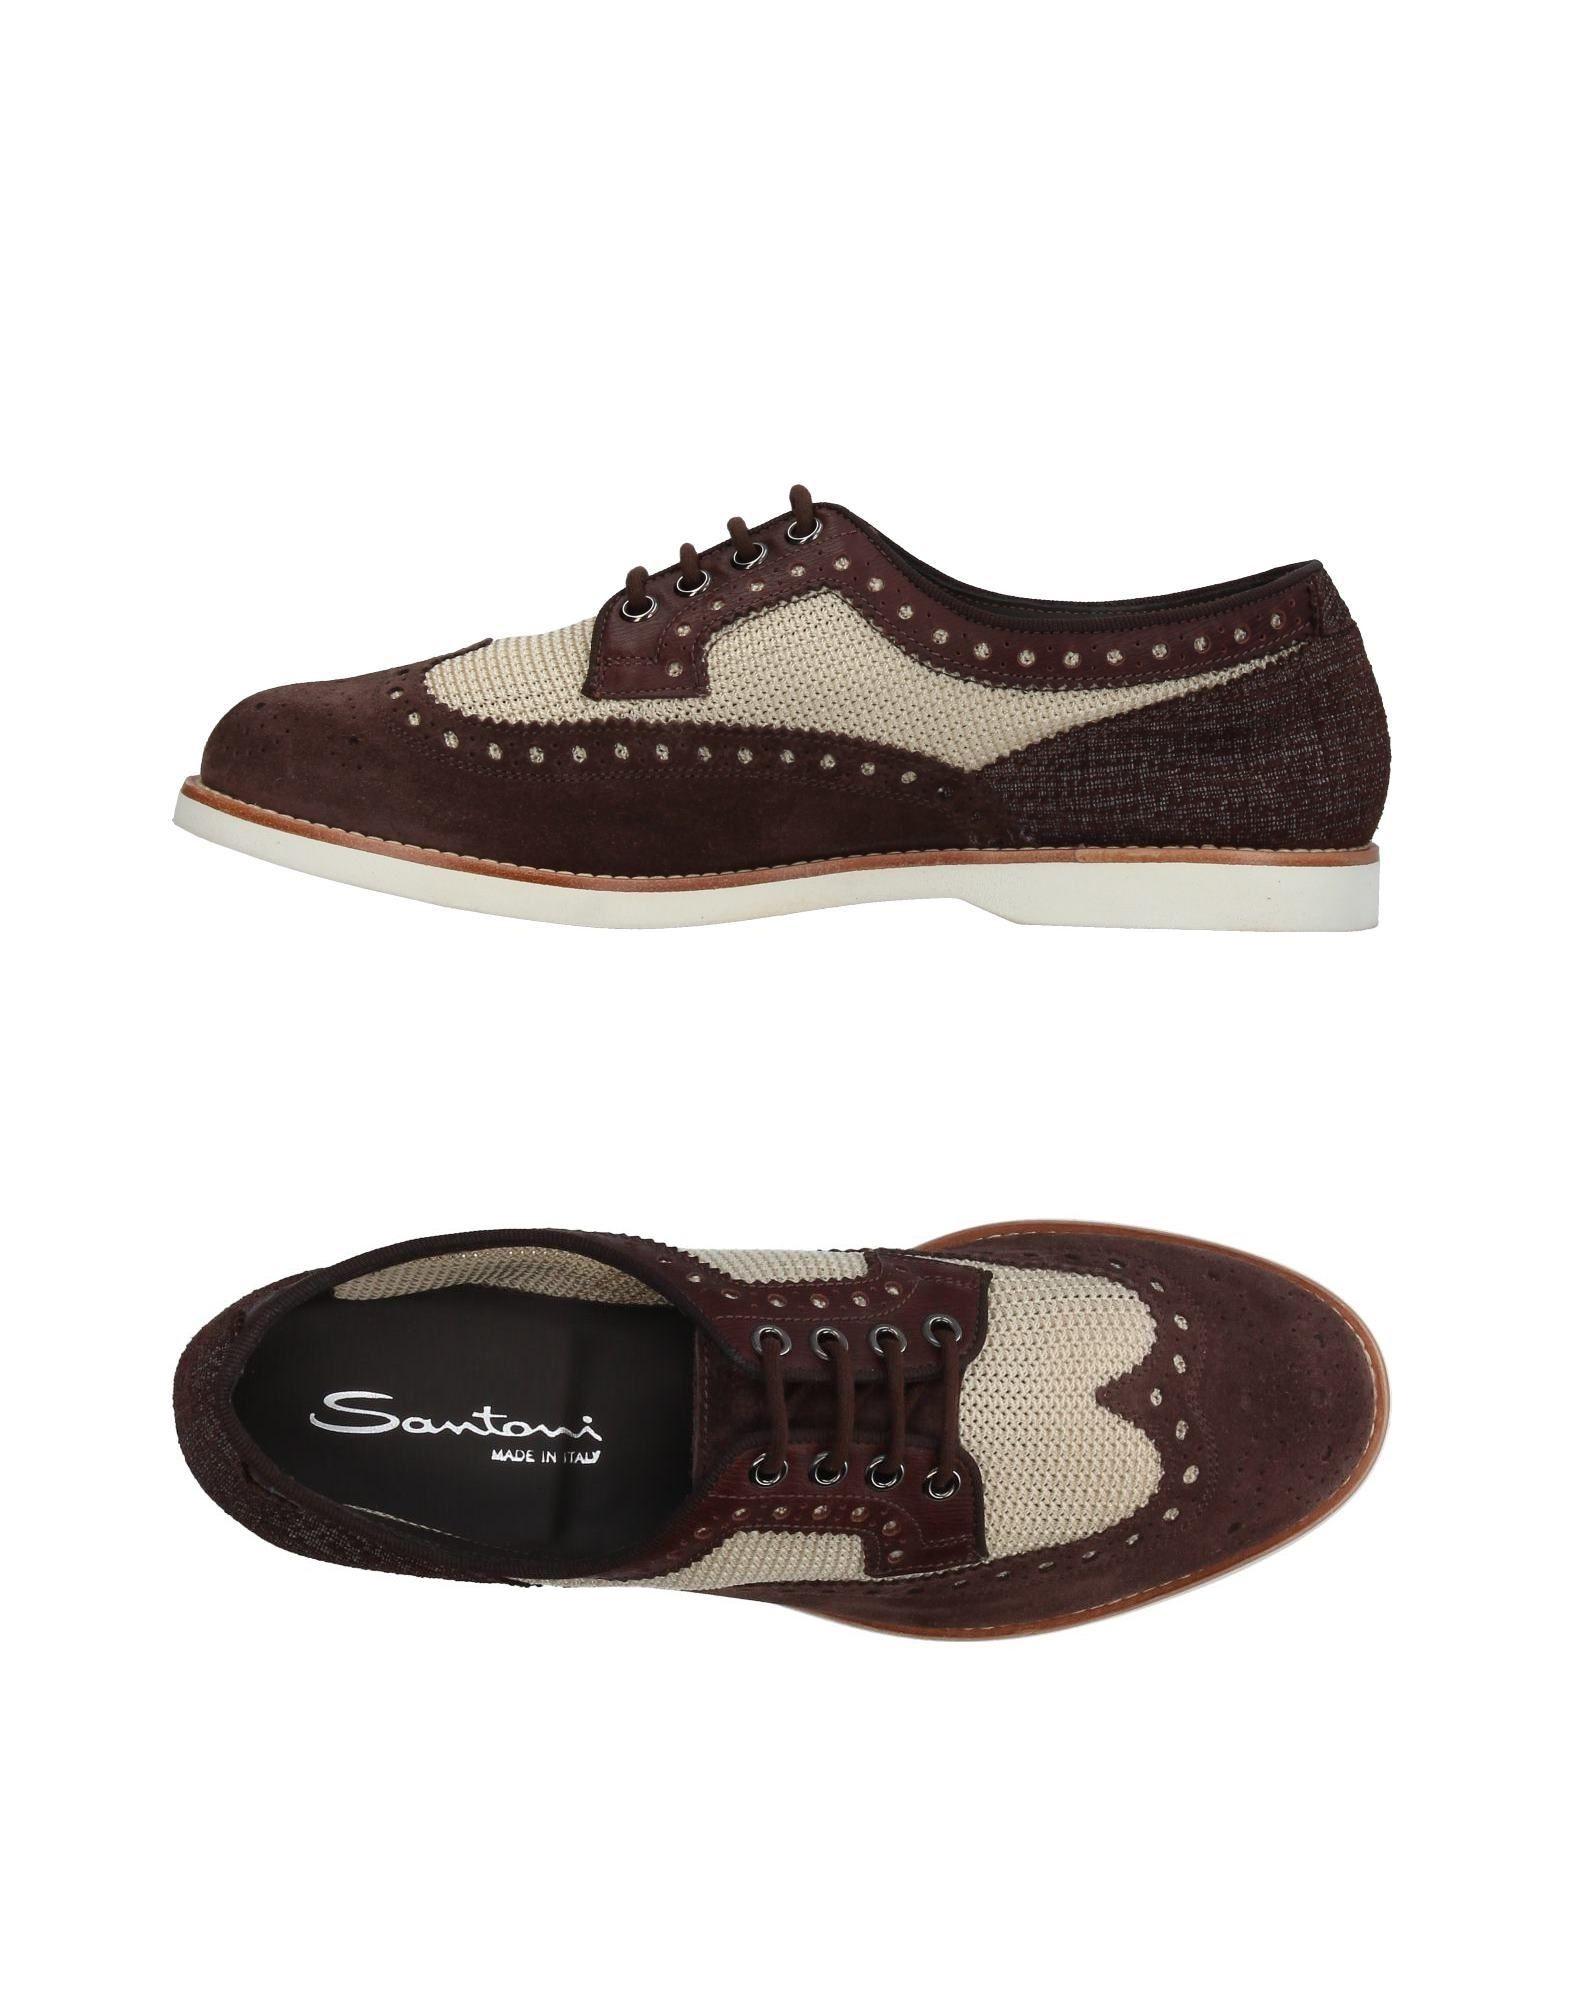 Santoni Schnürschuhe Herren Qualität  11409447OK Gute Qualität Herren beliebte Schuhe 82dc40